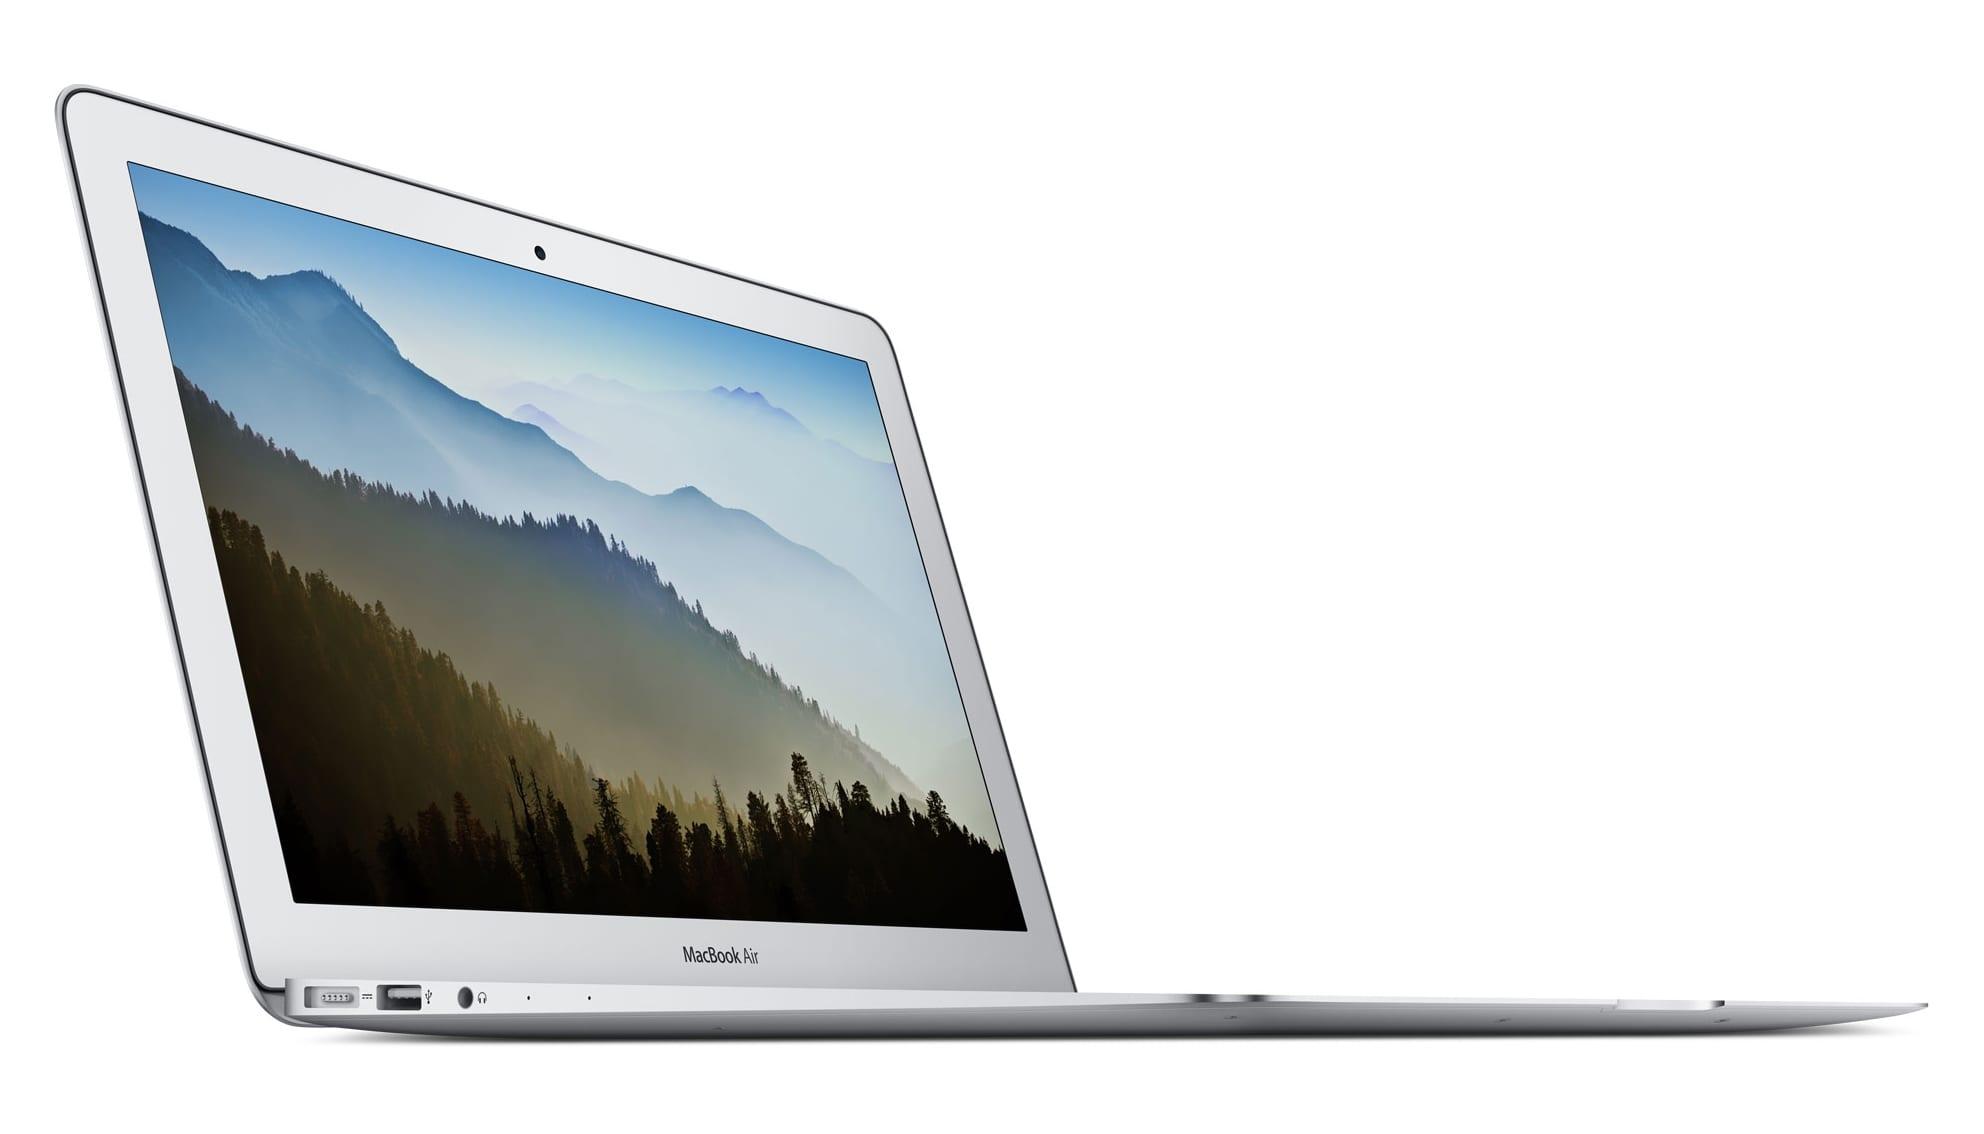 macbook air hero 1 - Čo chystá Apple na september – lacný MacBook, väčší iPhone a ďalšie novinky